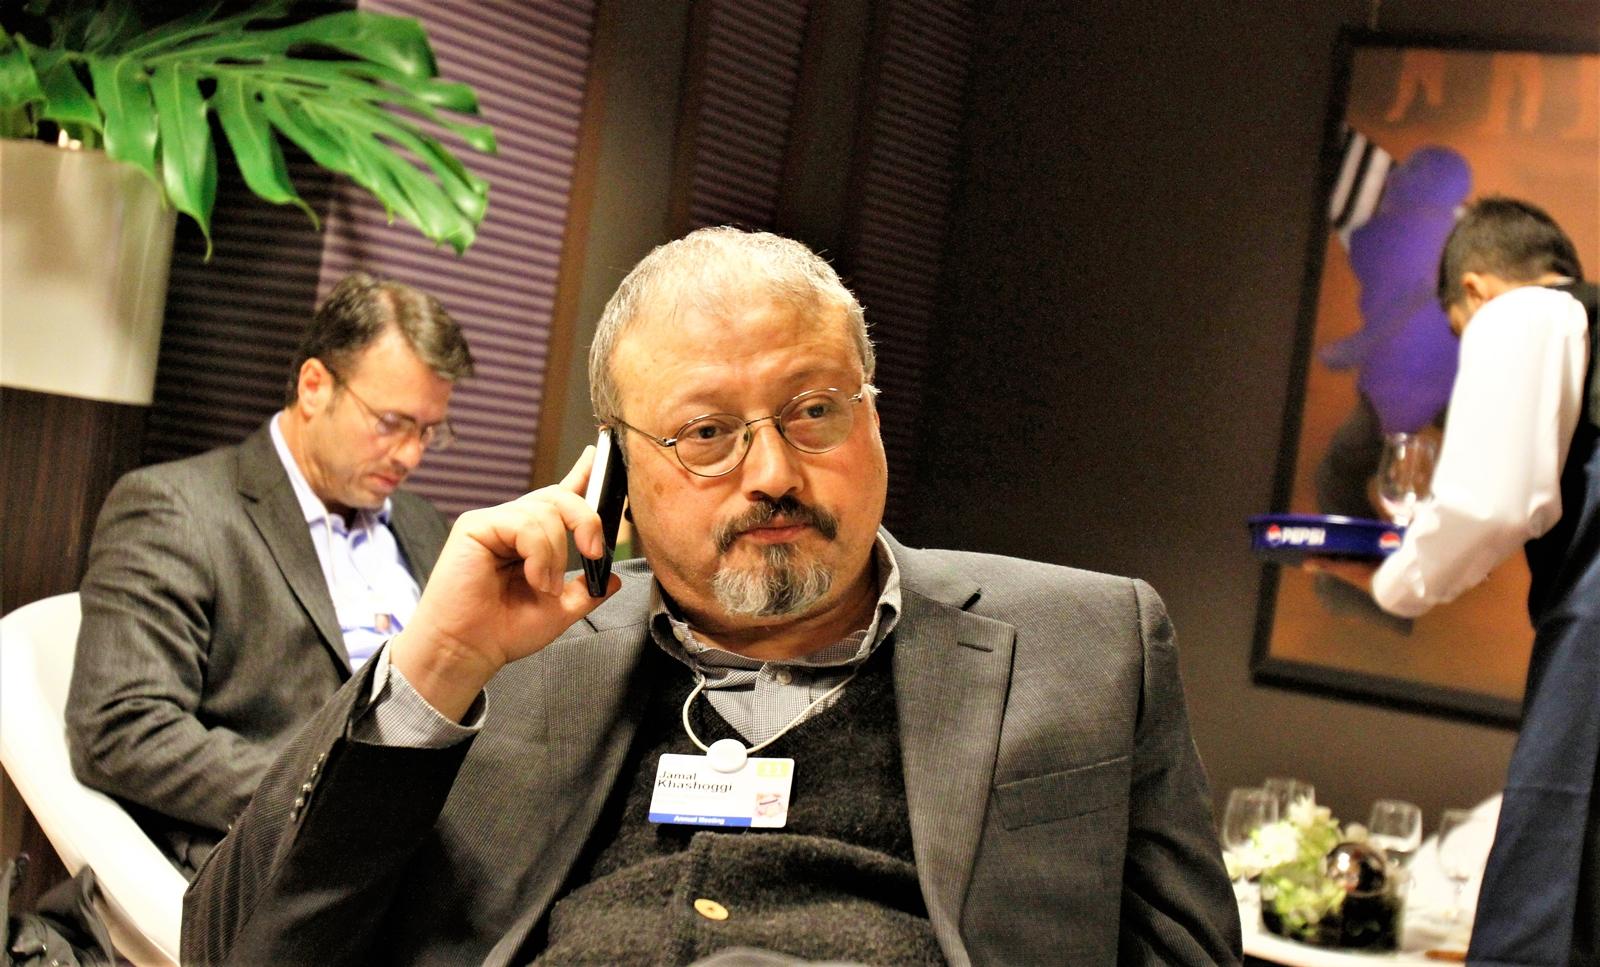 """Omicidio Khashoggi, il giorno della """"cruda verità"""". Erdogan rivelerà al mondo le prove che incastrano Riad"""